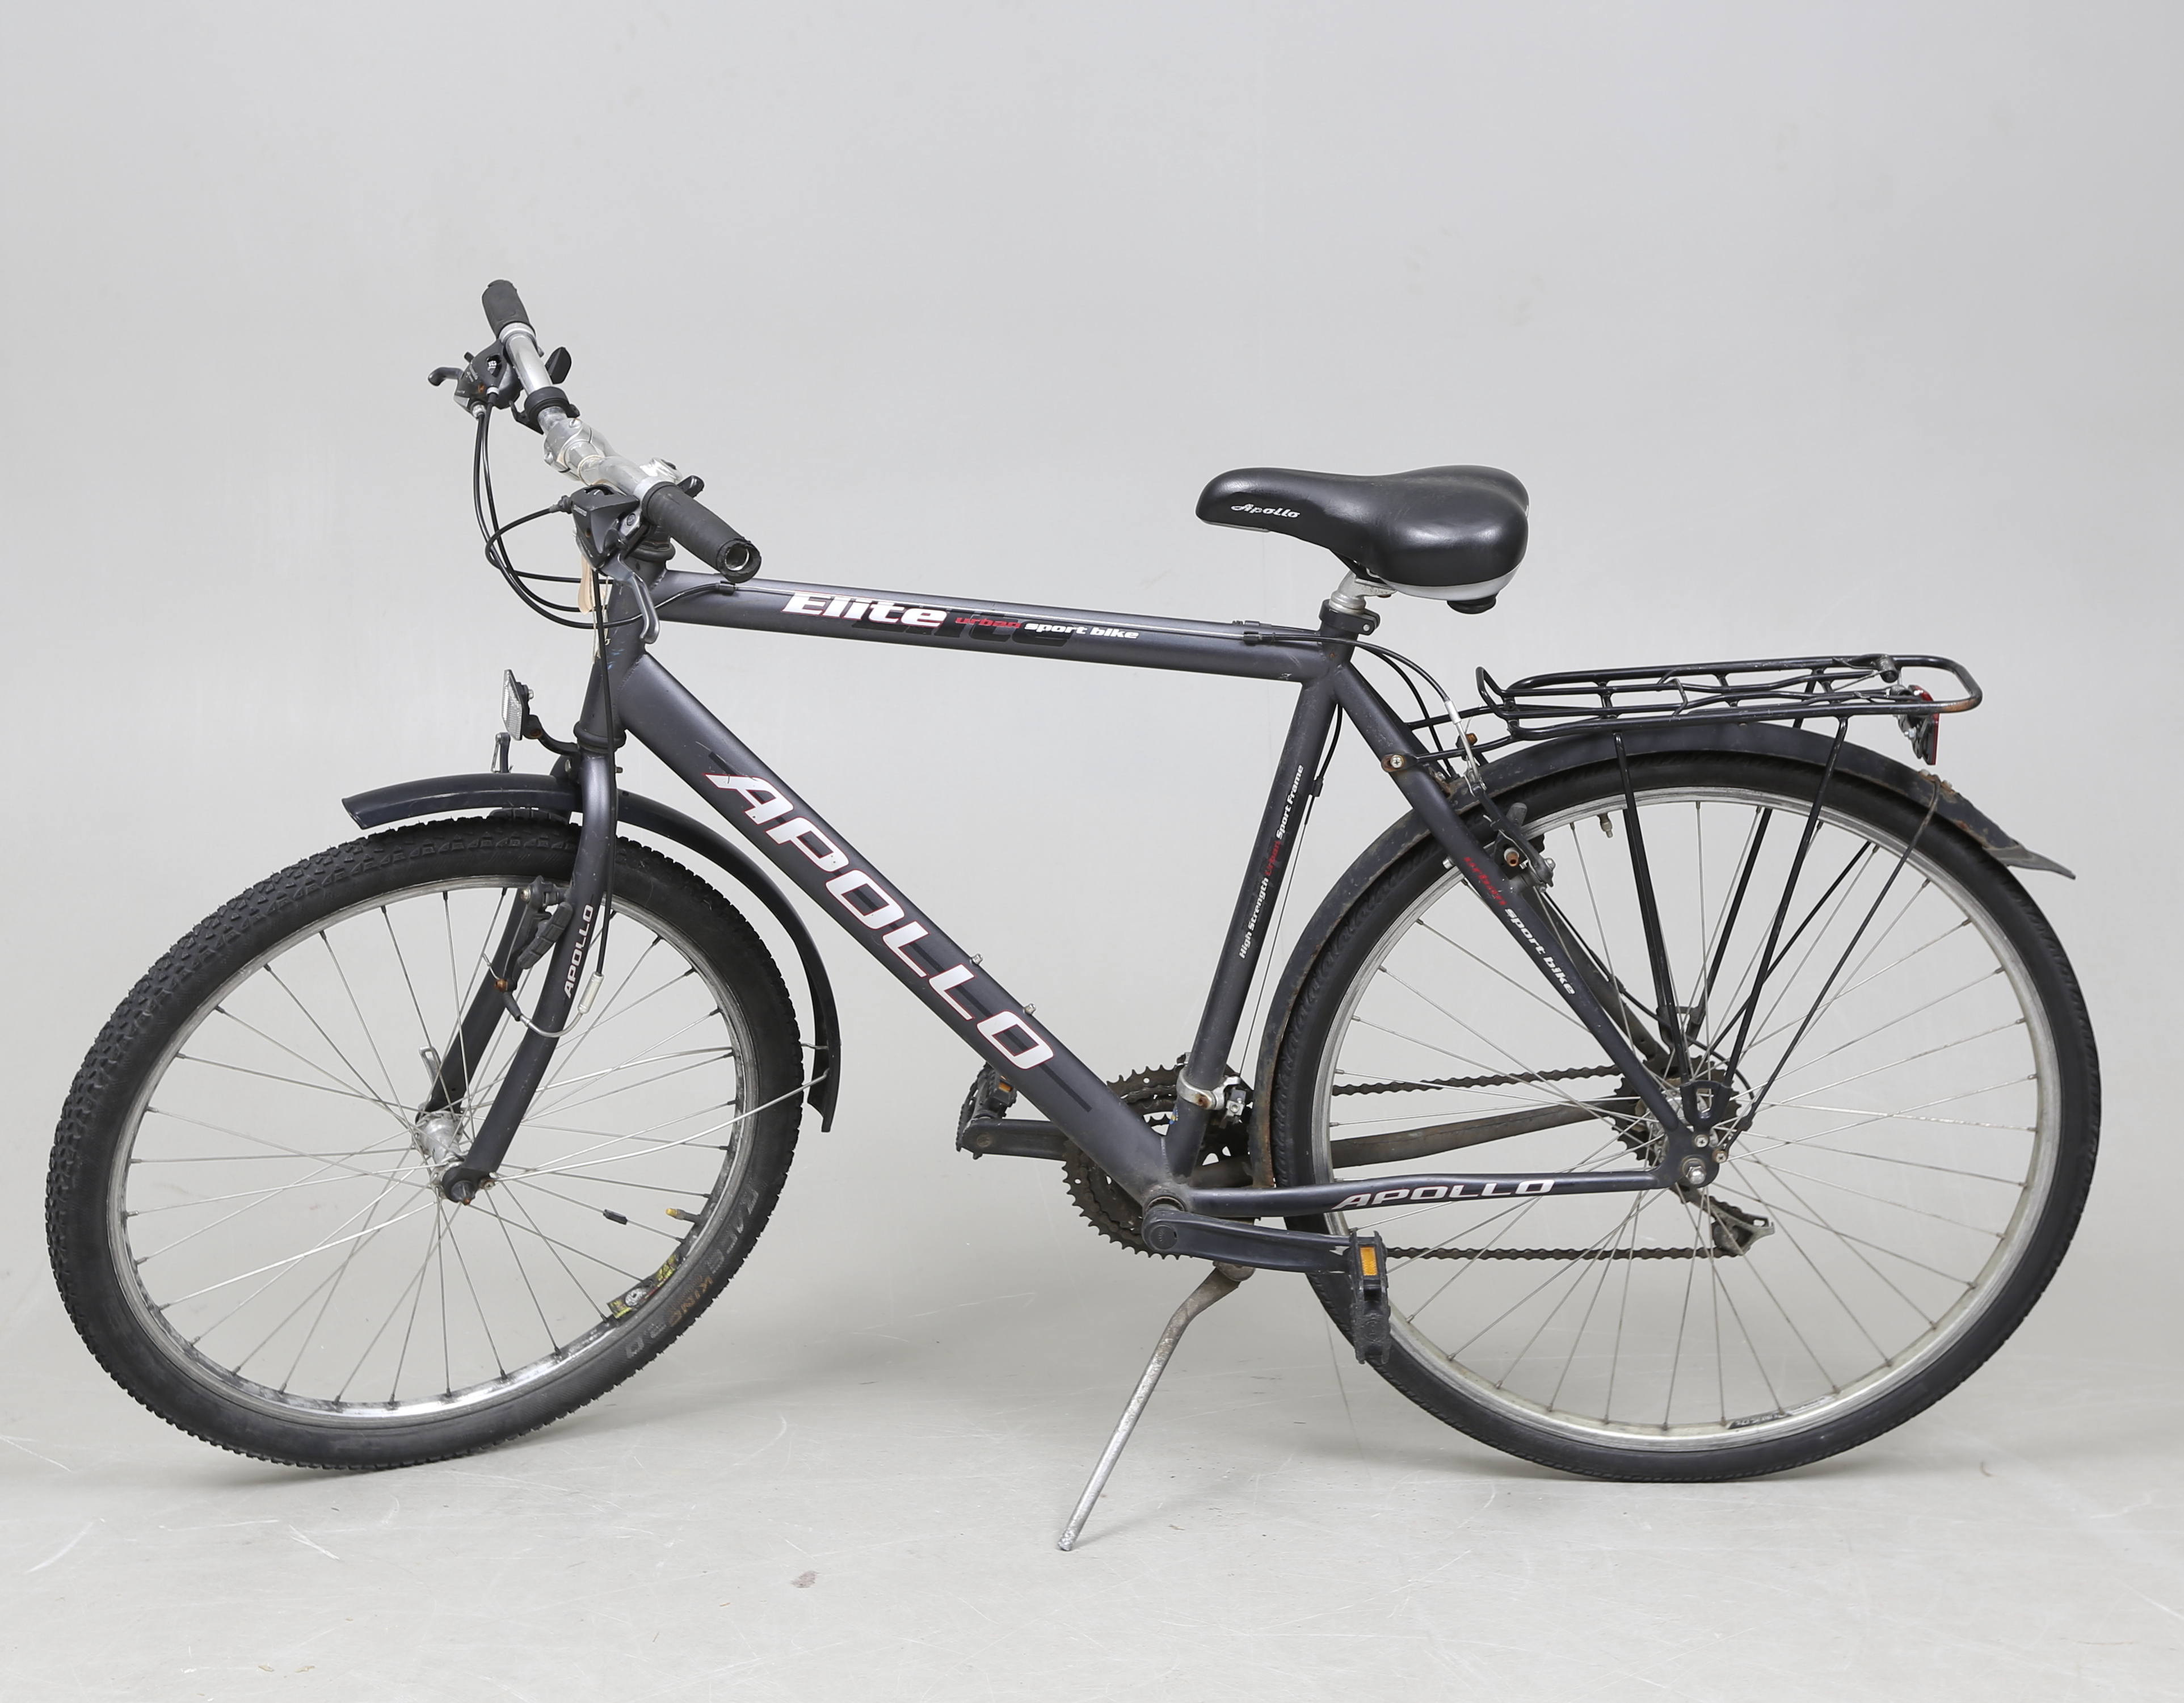 Dejlig CYKEL, Apollo, Elite urban sport bikes. Other - Bicycles JT-06